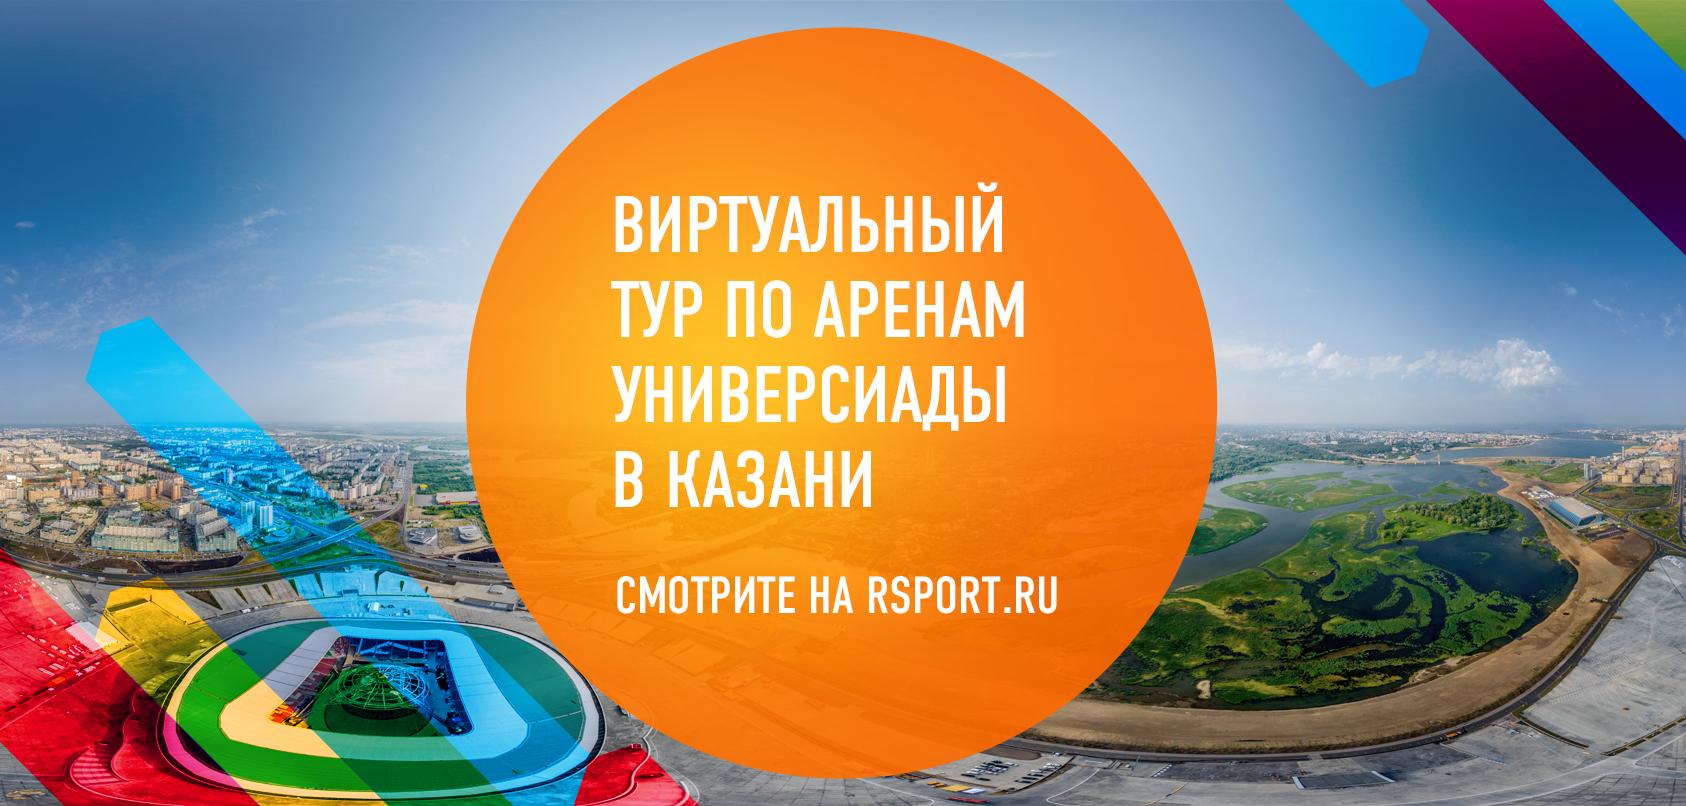 Виртуальный тур по аренам Универсиады в Казани